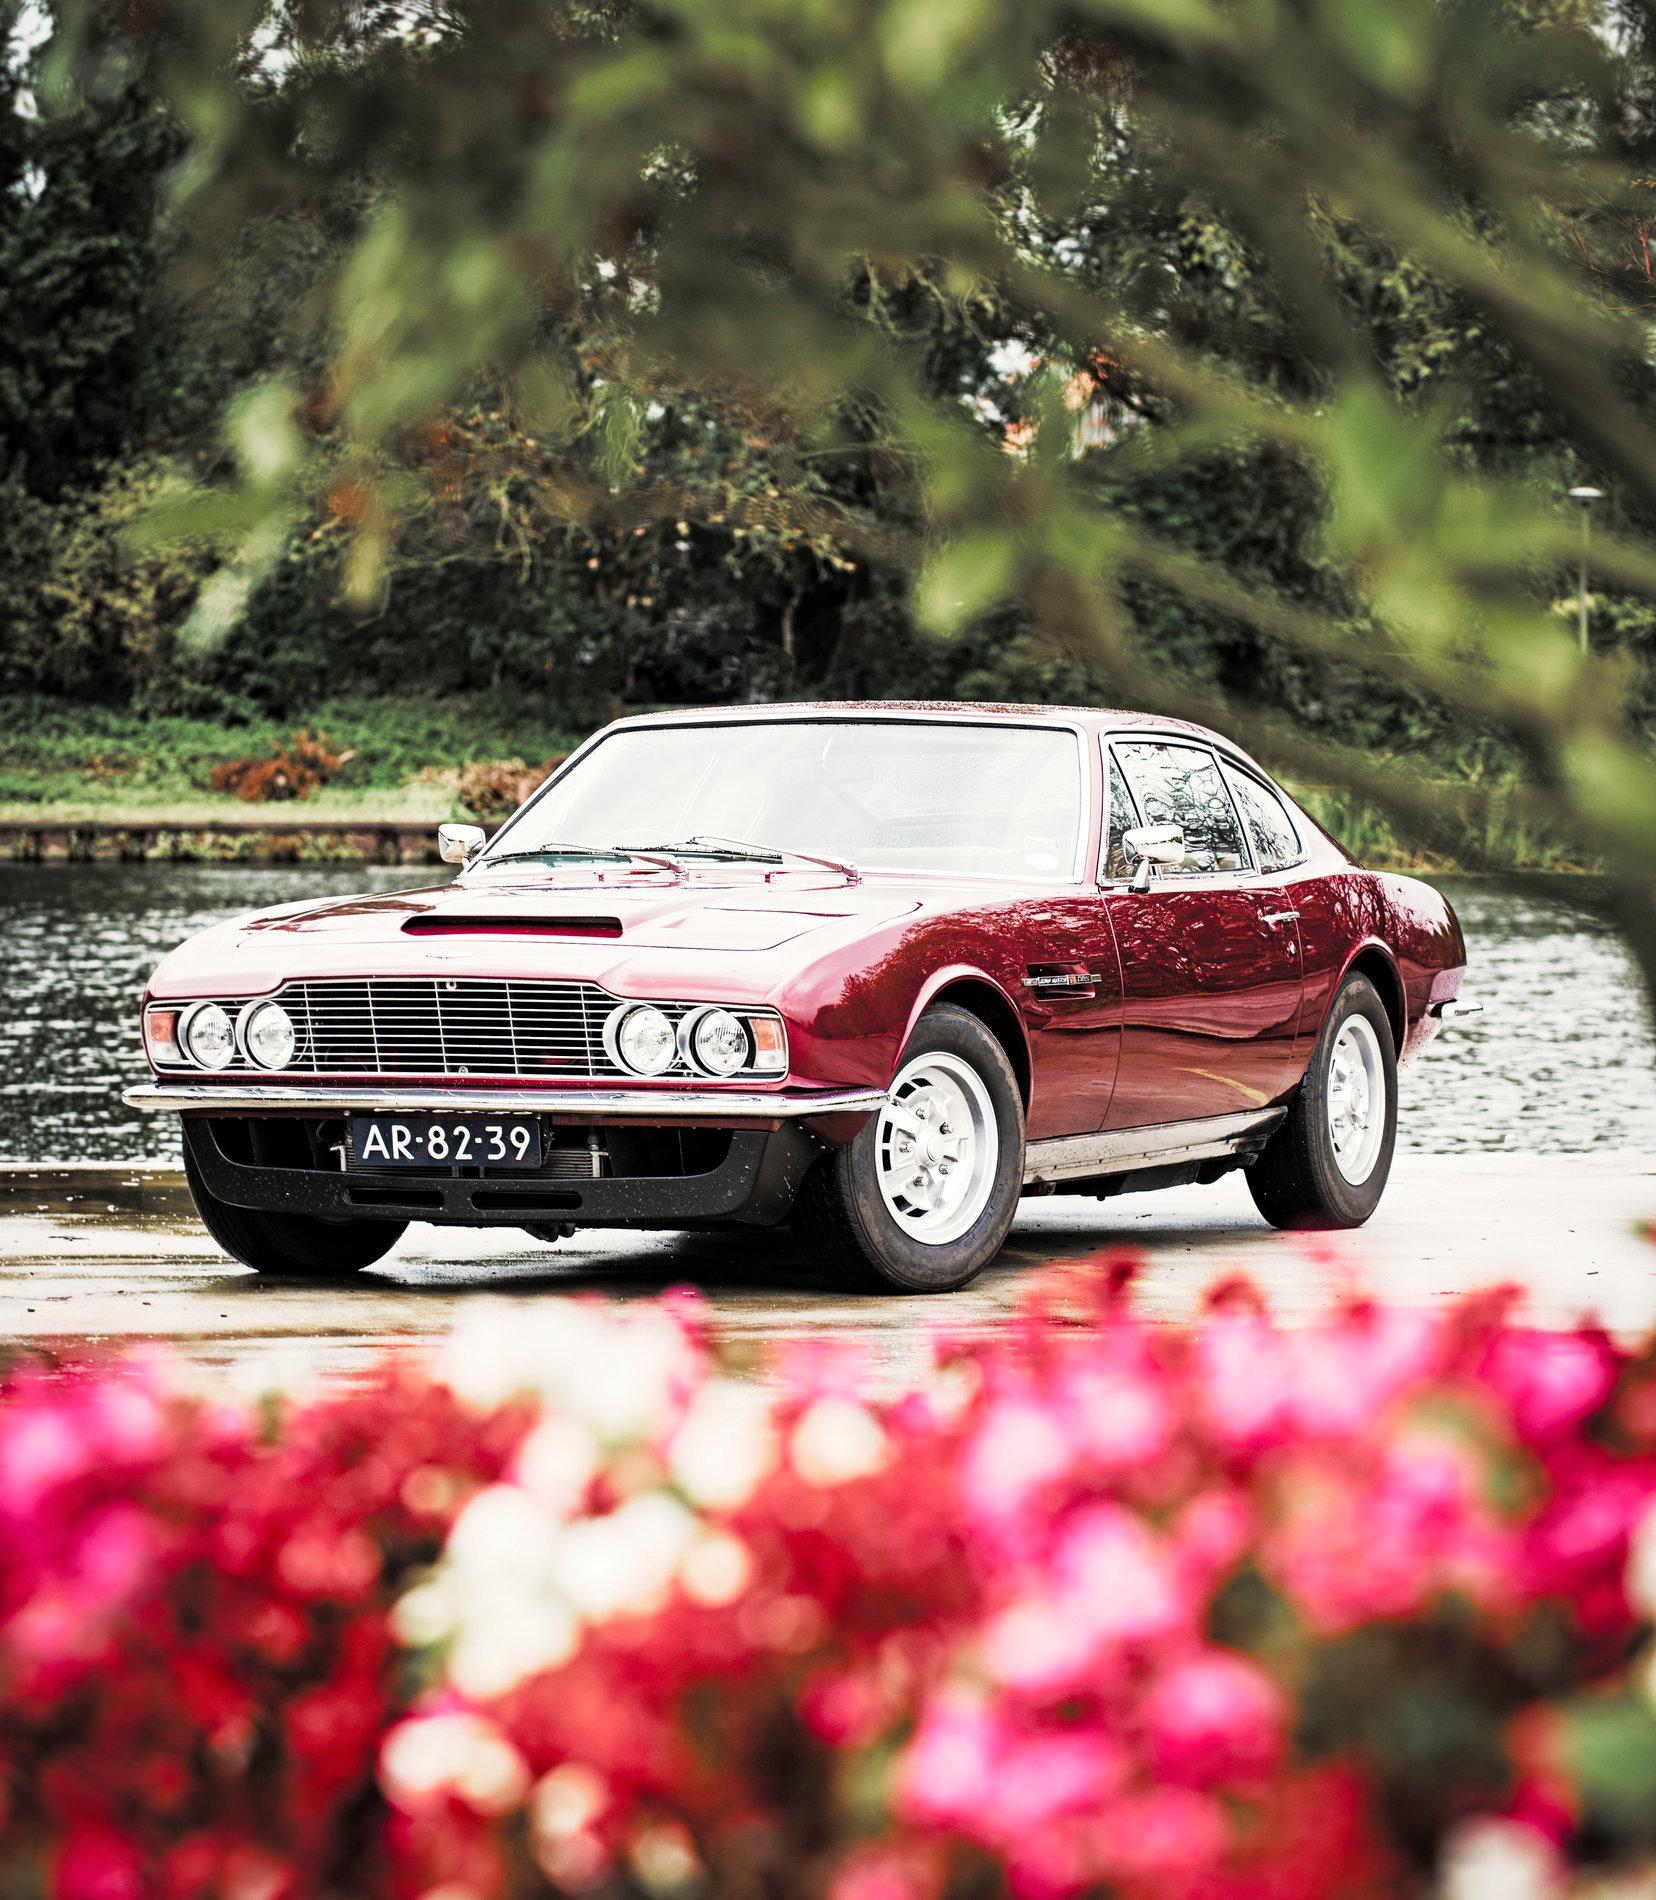 Aston Martin DBS Prototype 1967